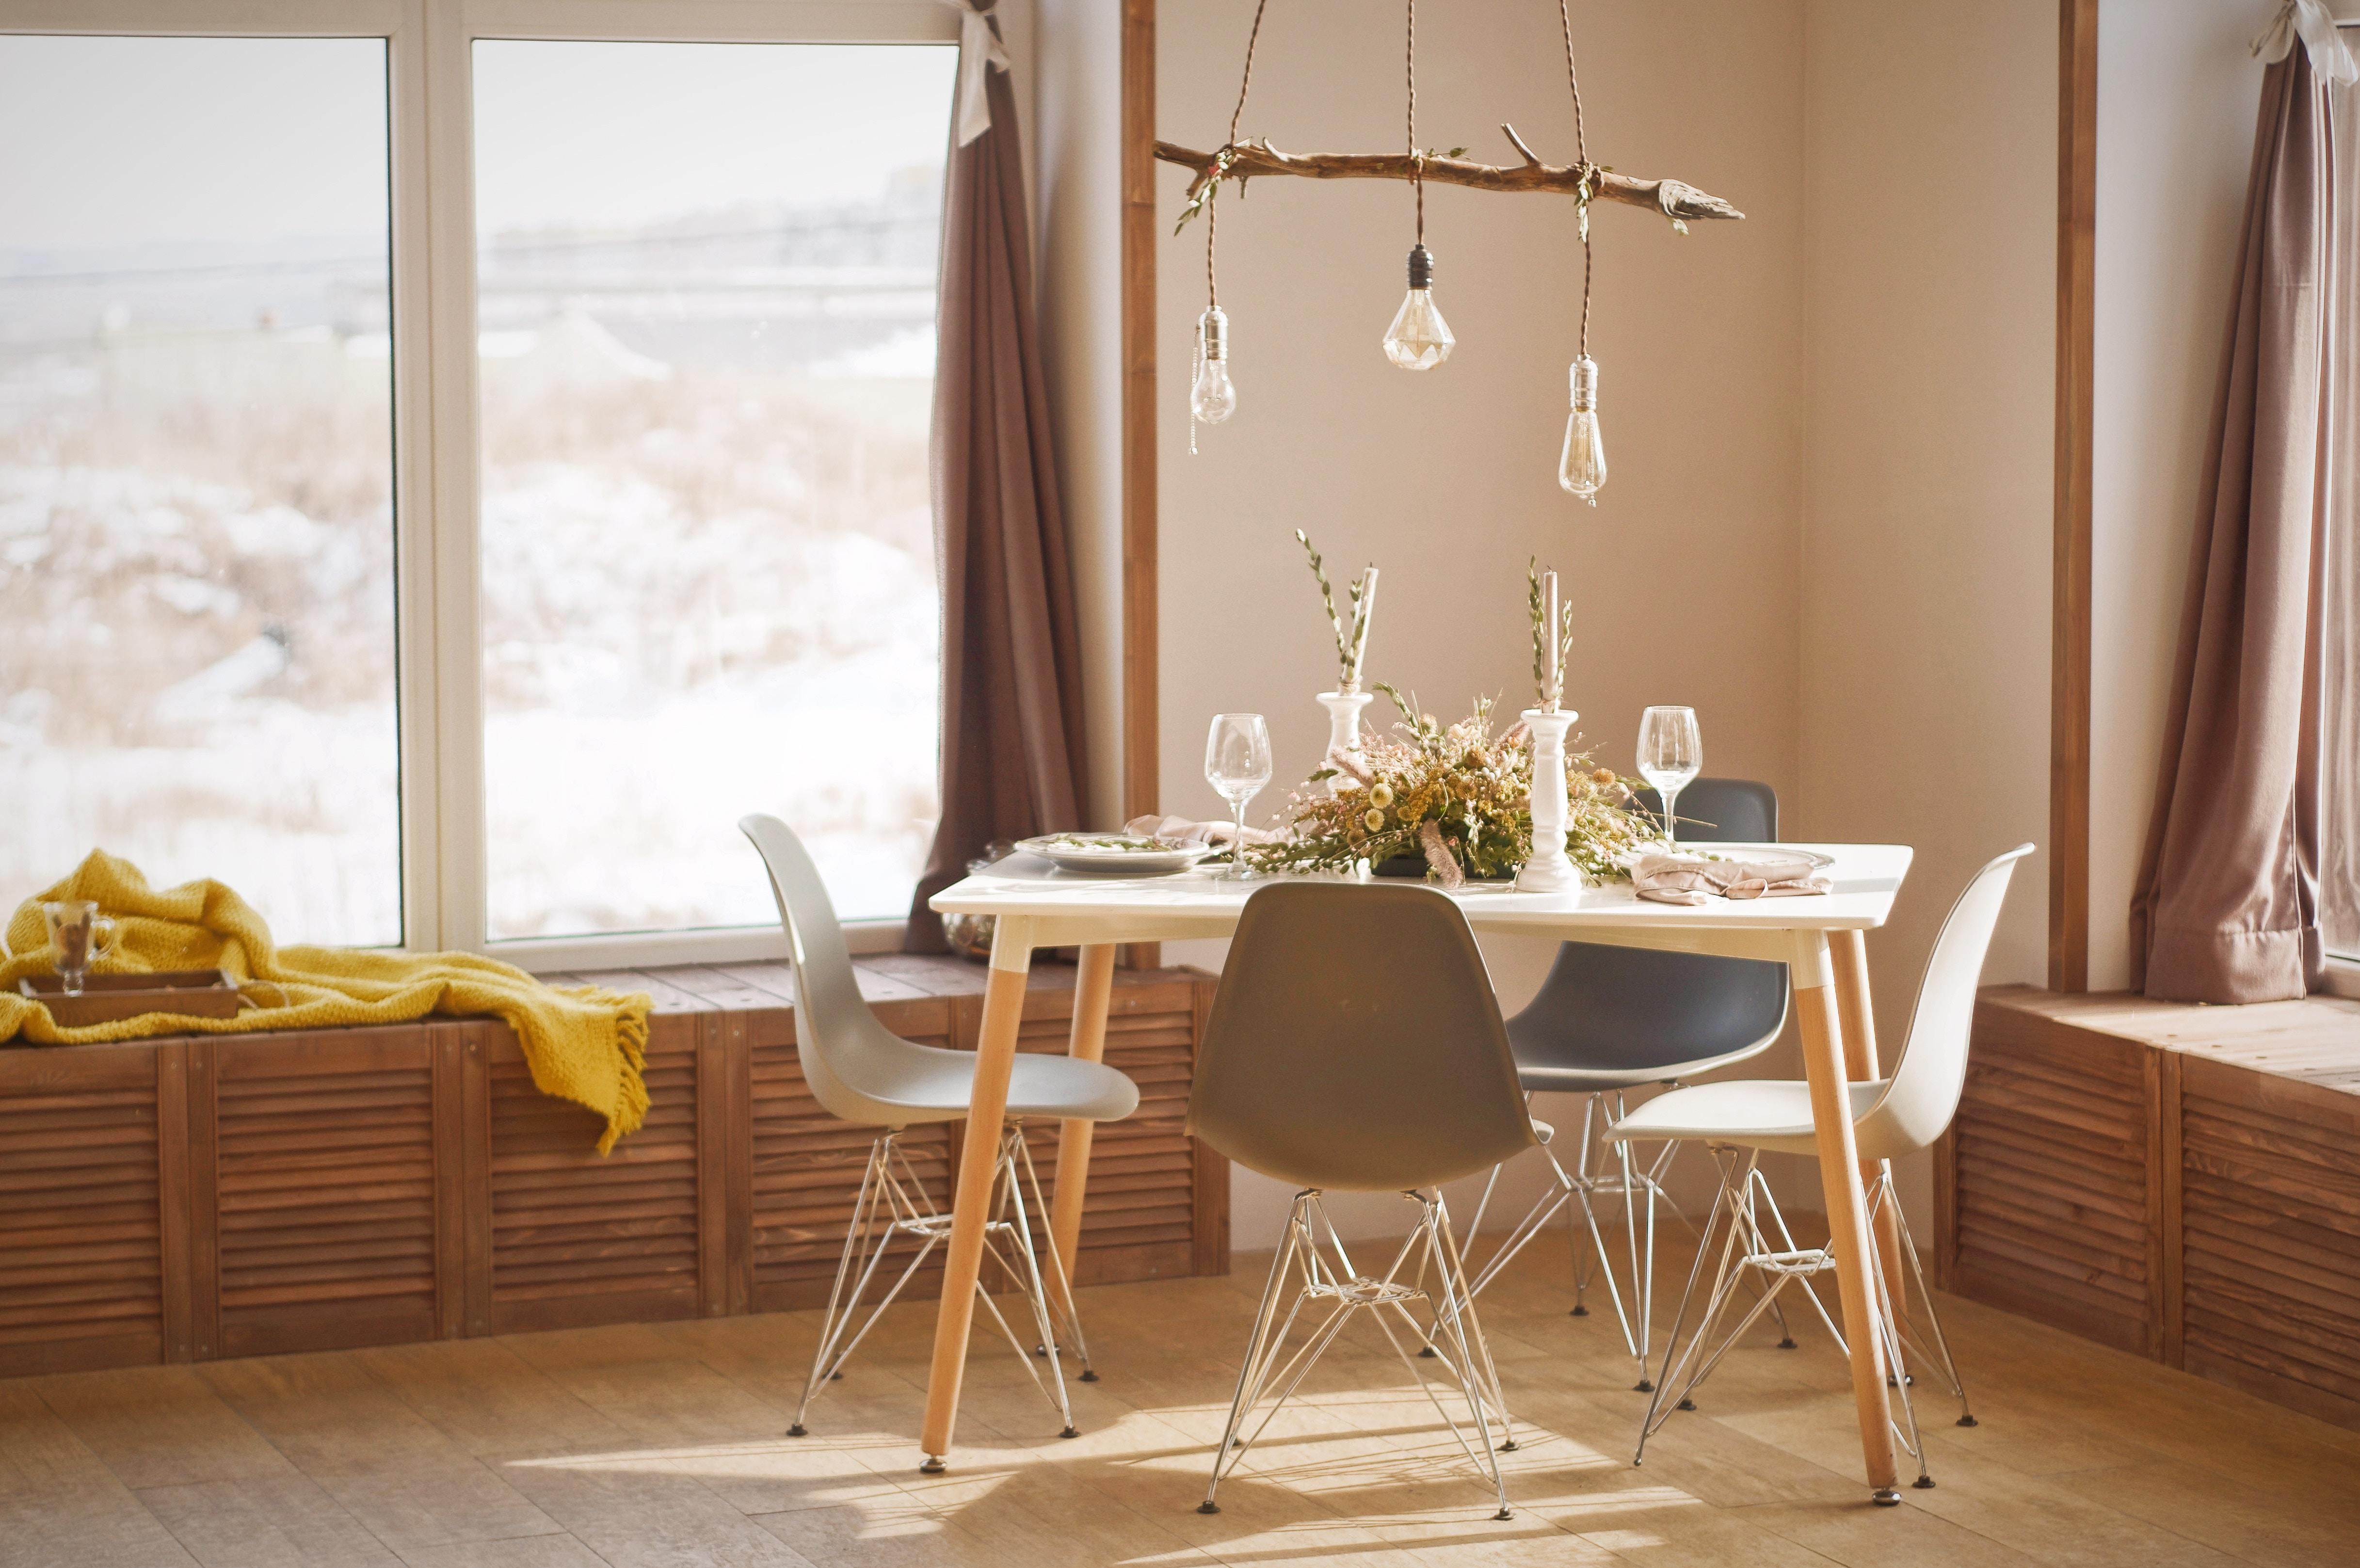 100013_Diningroom_Minimalist_Midcentury..jpg